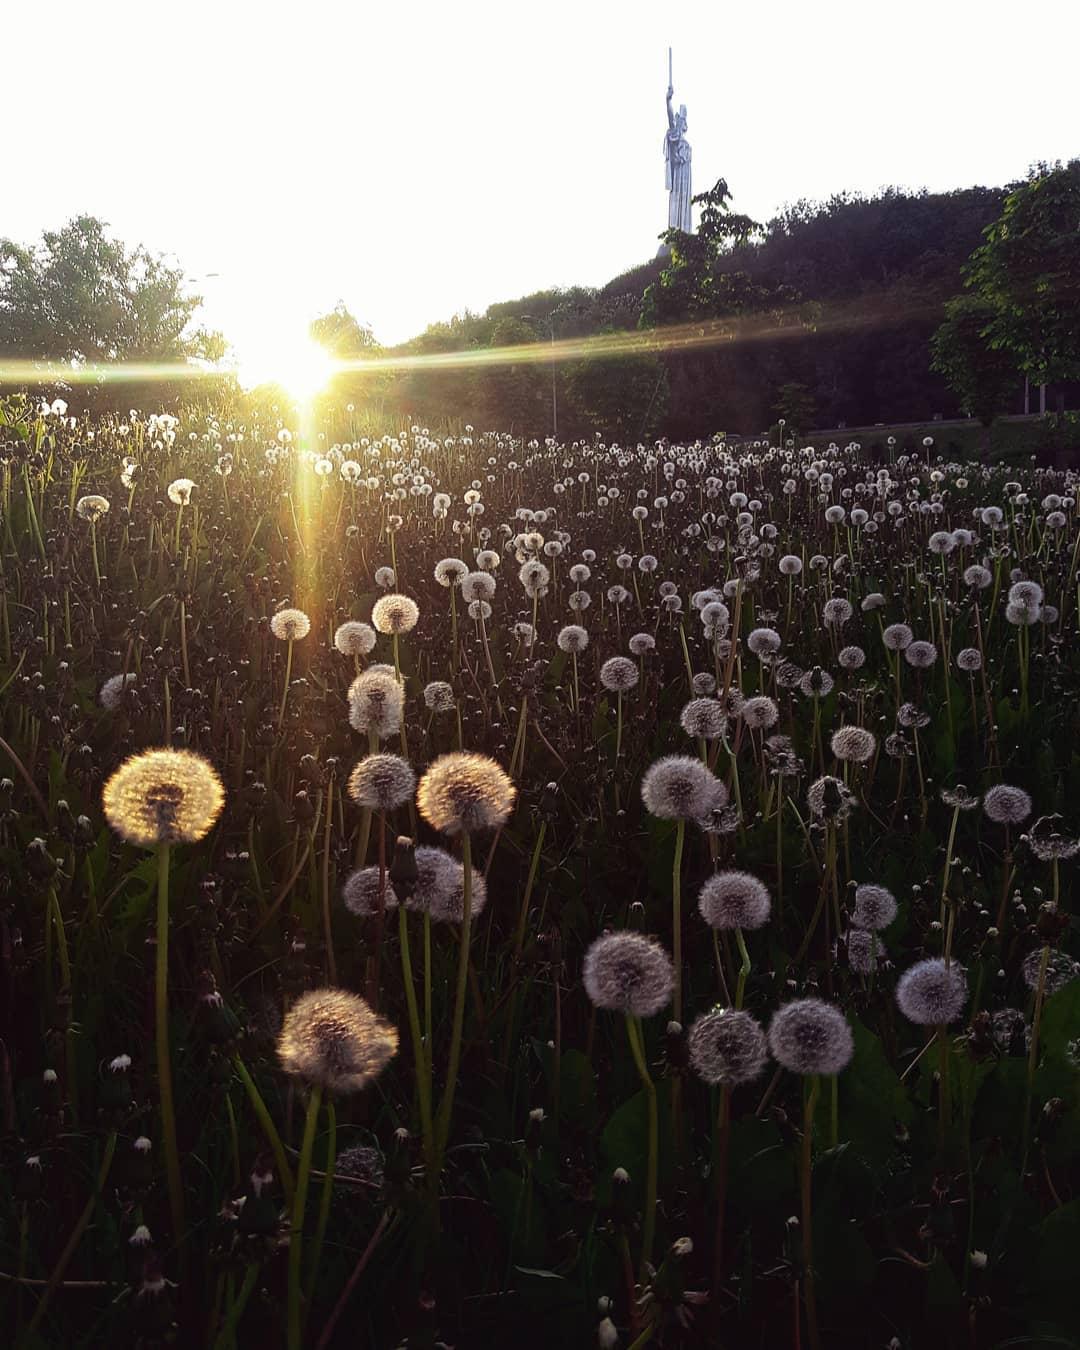 Весна пришла, а вместе с ней - такие вот яркие, почти пасторальные снимки в социальных сетях. Фото: @istetsen